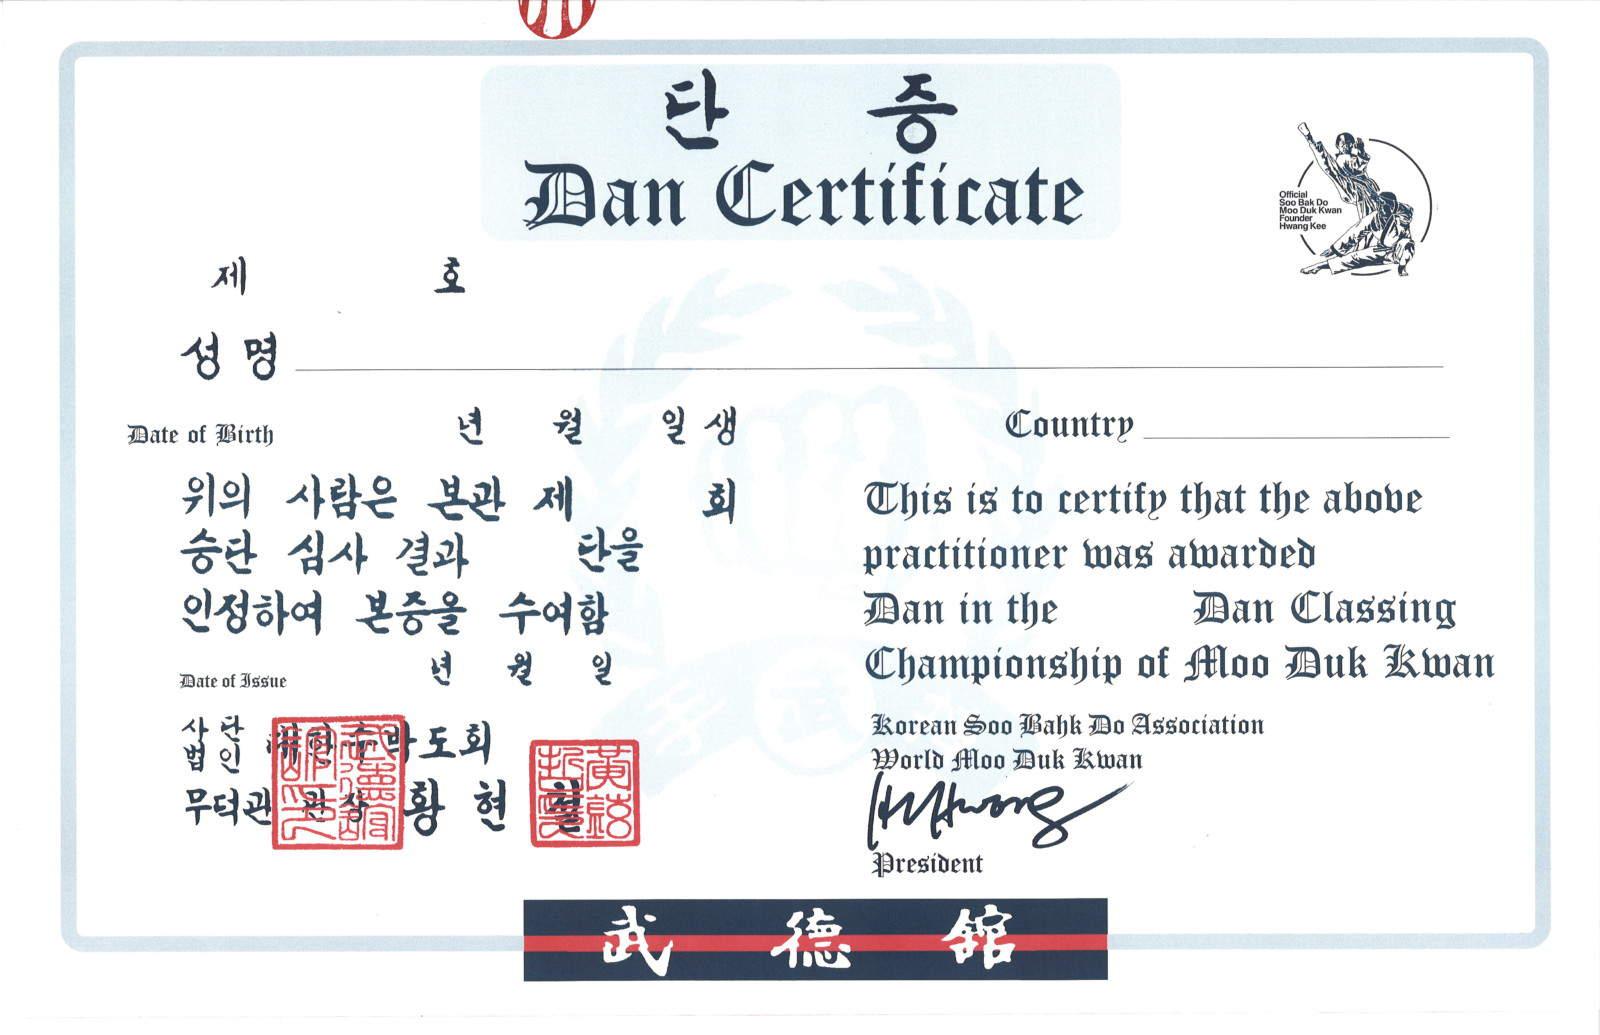 Dan_Certificate_Good_300_DPI